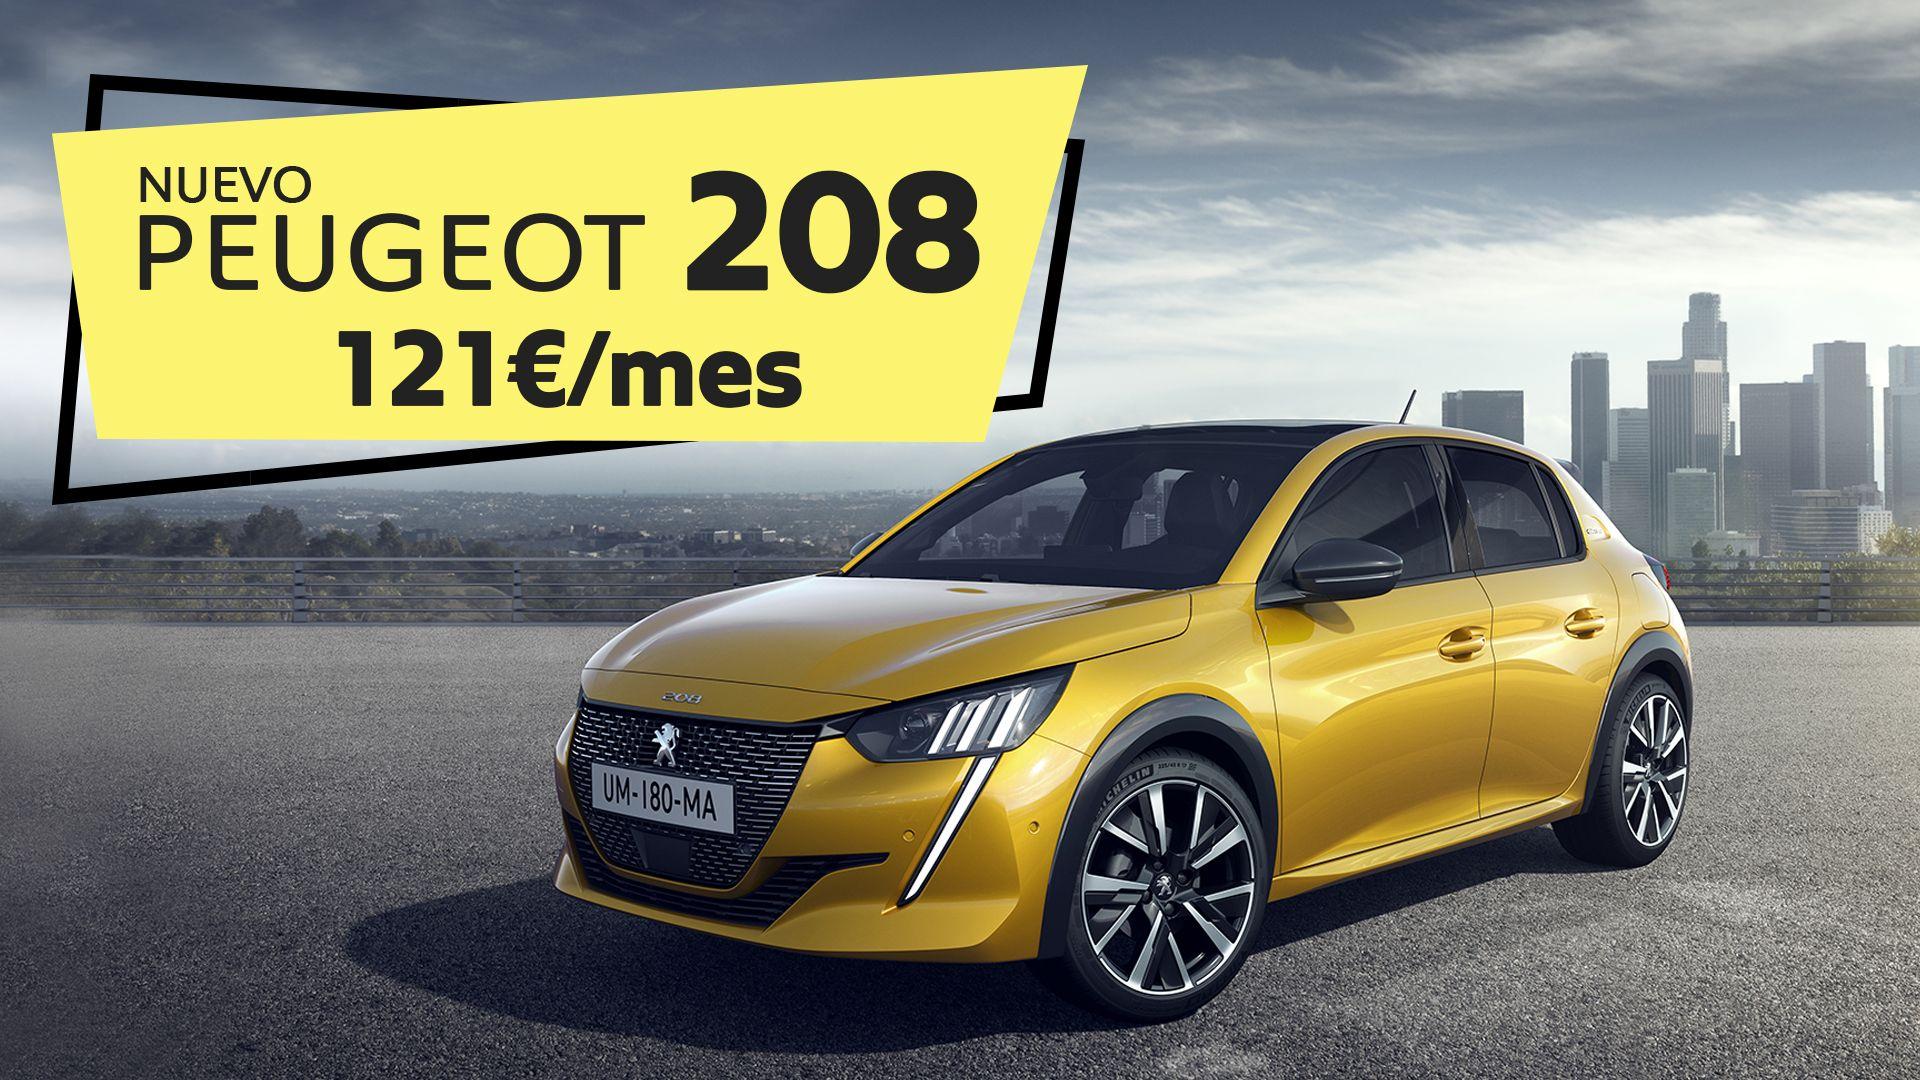 Estrena el nuevo Peugeot 208 Active 100cv por 121€/mes